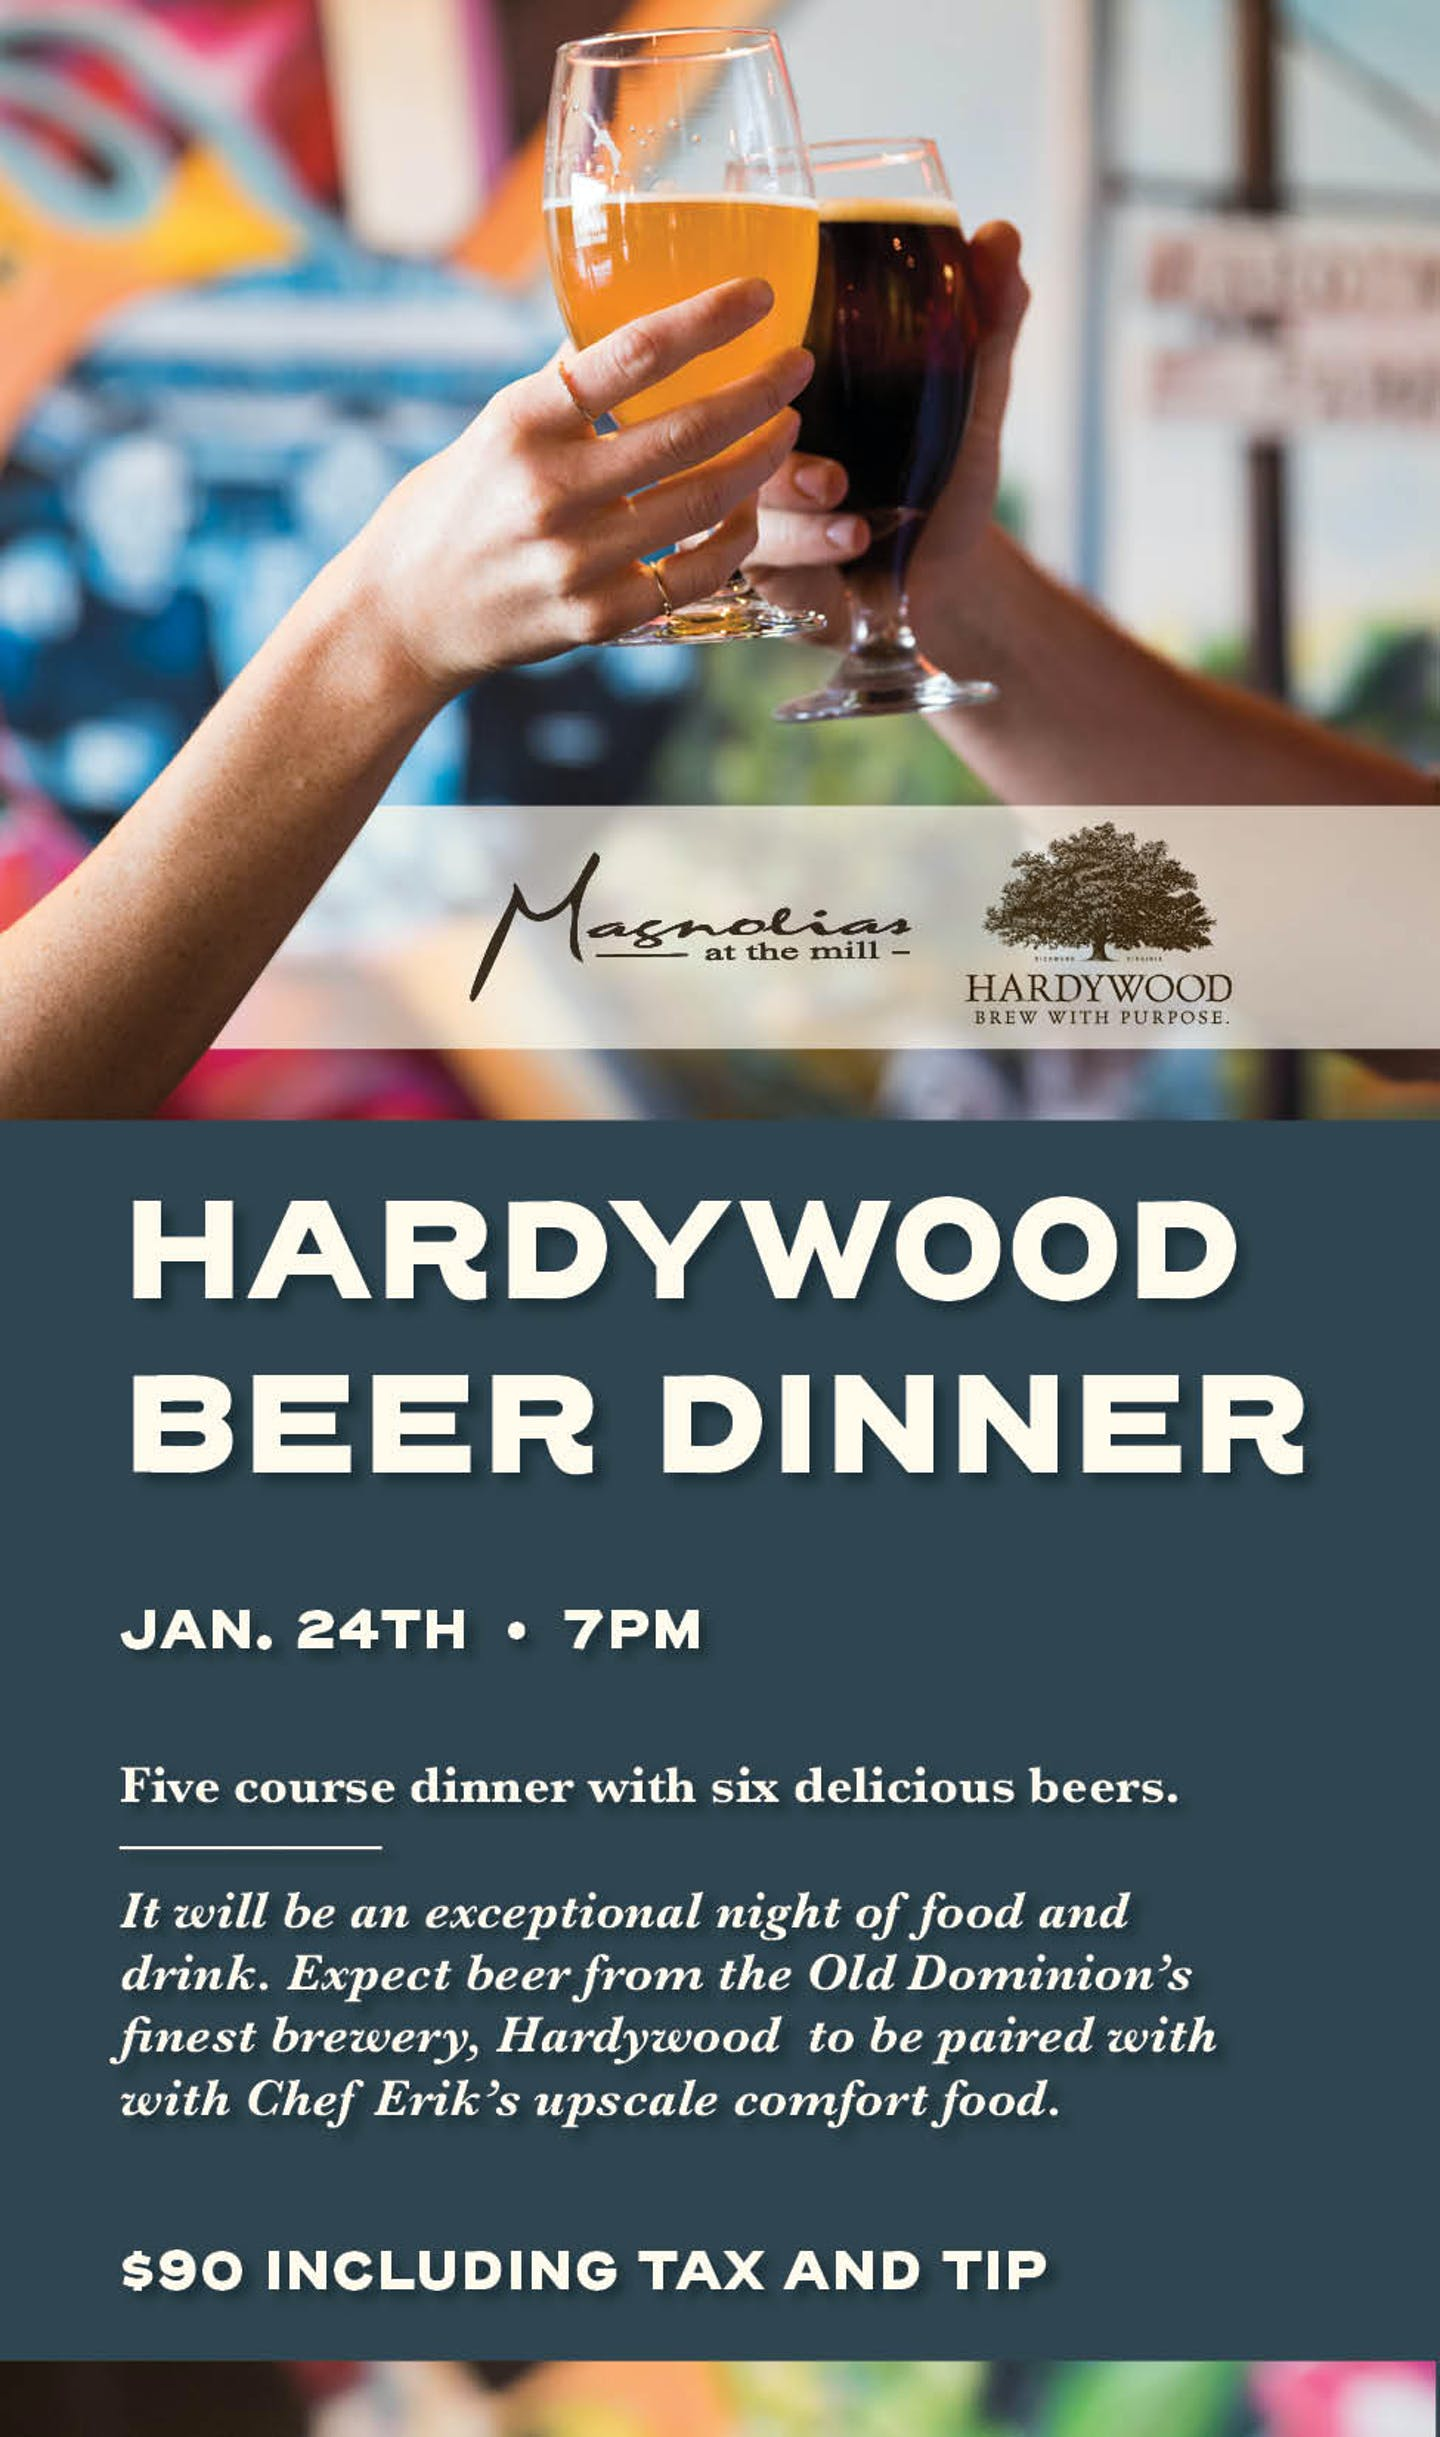 EEP Magnolias - Hardywood Dinner - Postcard 5x3.25